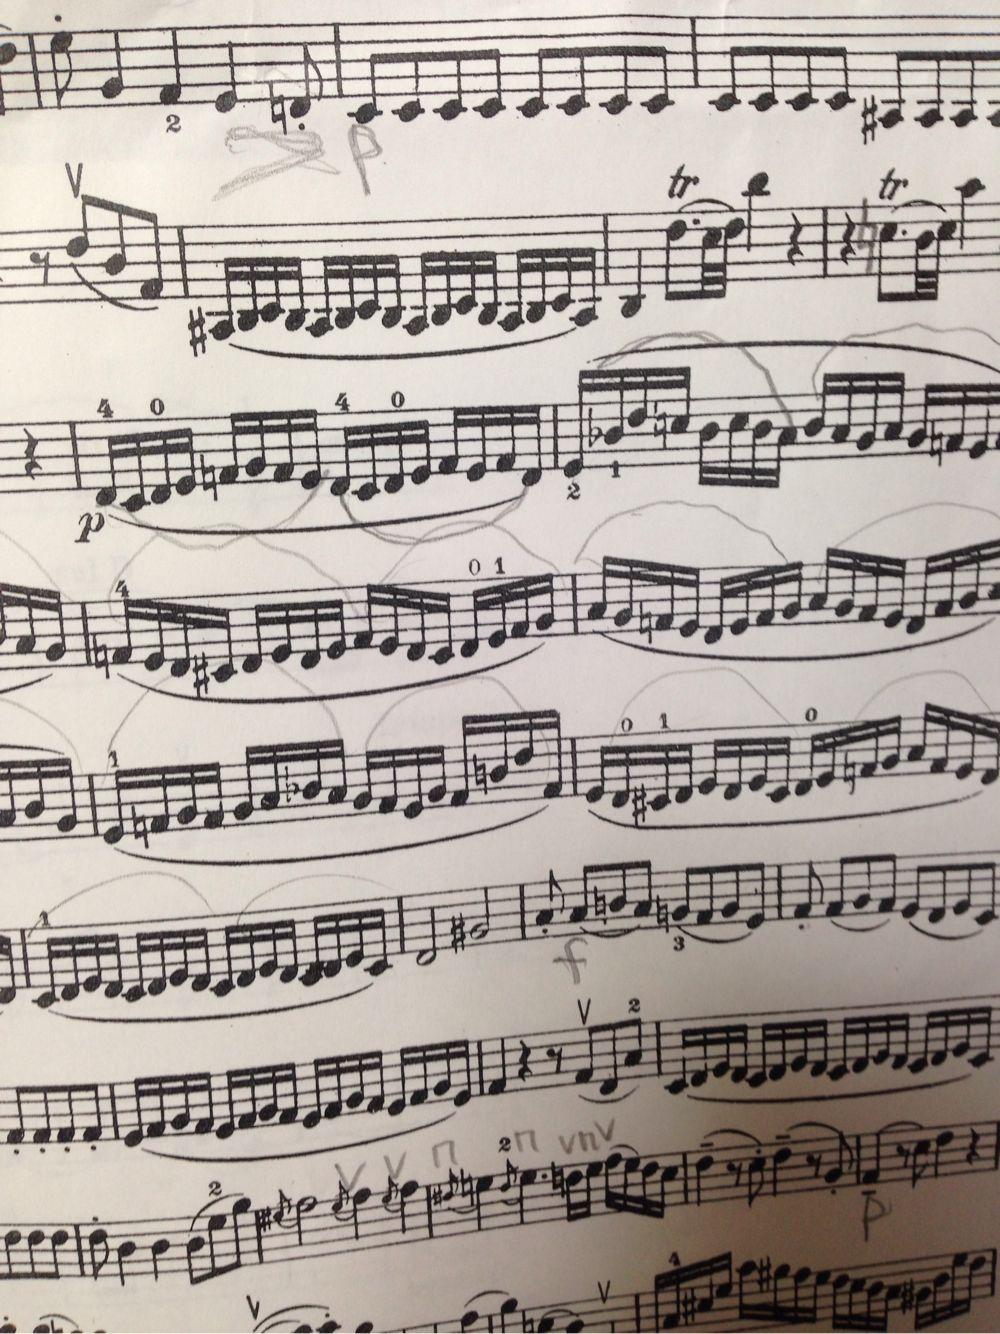 モーツァルト ディヴェルティメント K.136 最1楽章から 第2バイオリンのパート譜